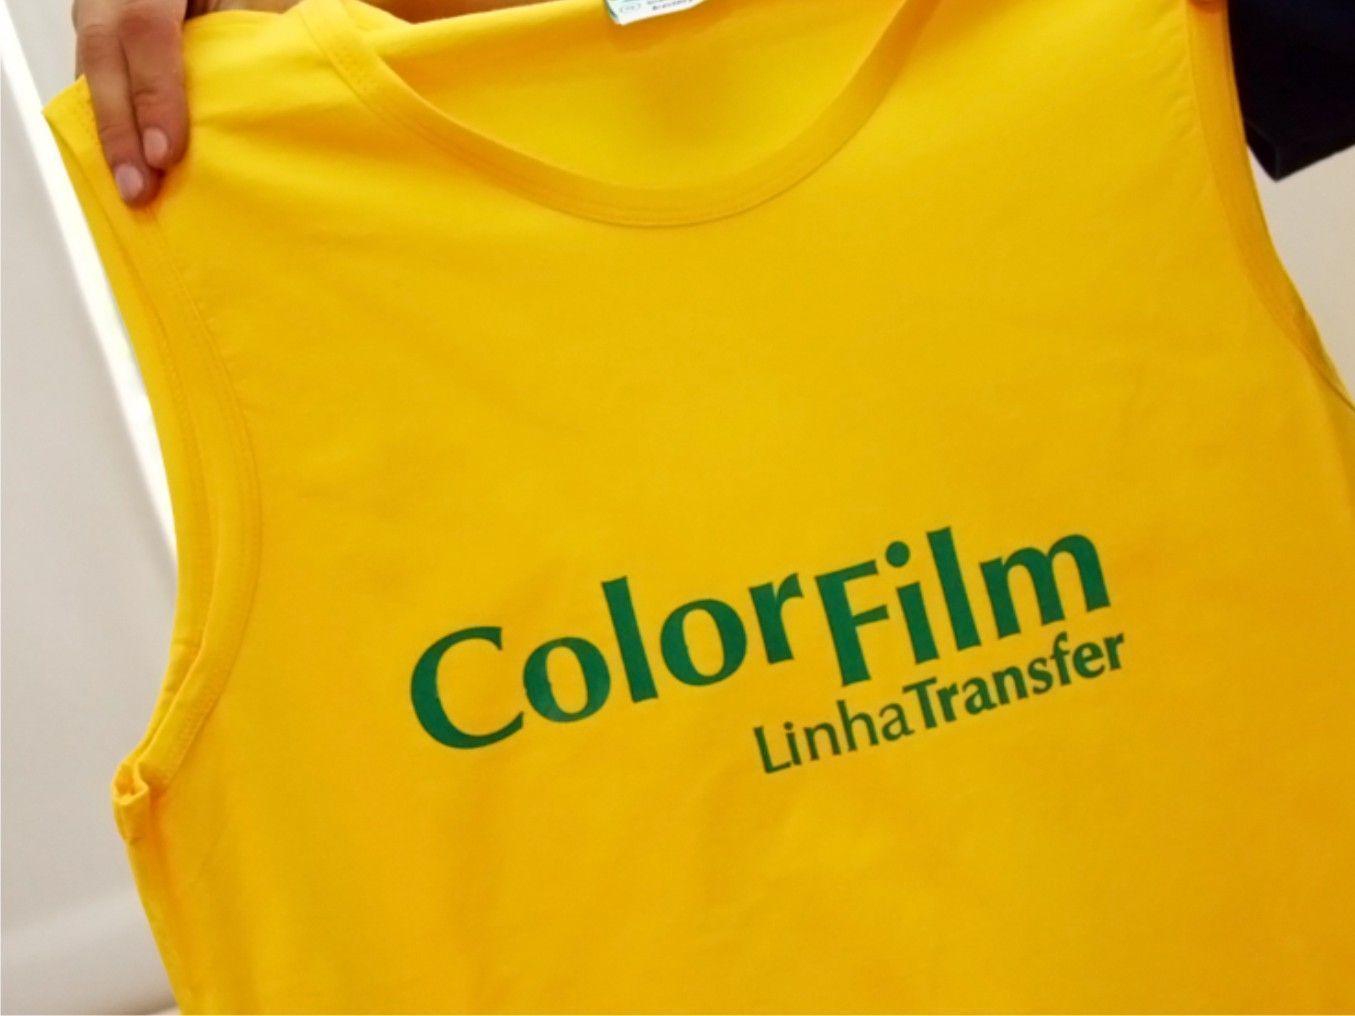 2ae67003d Transfer em camiseta  como aplicá-lo com filme PVC (plotter de ...